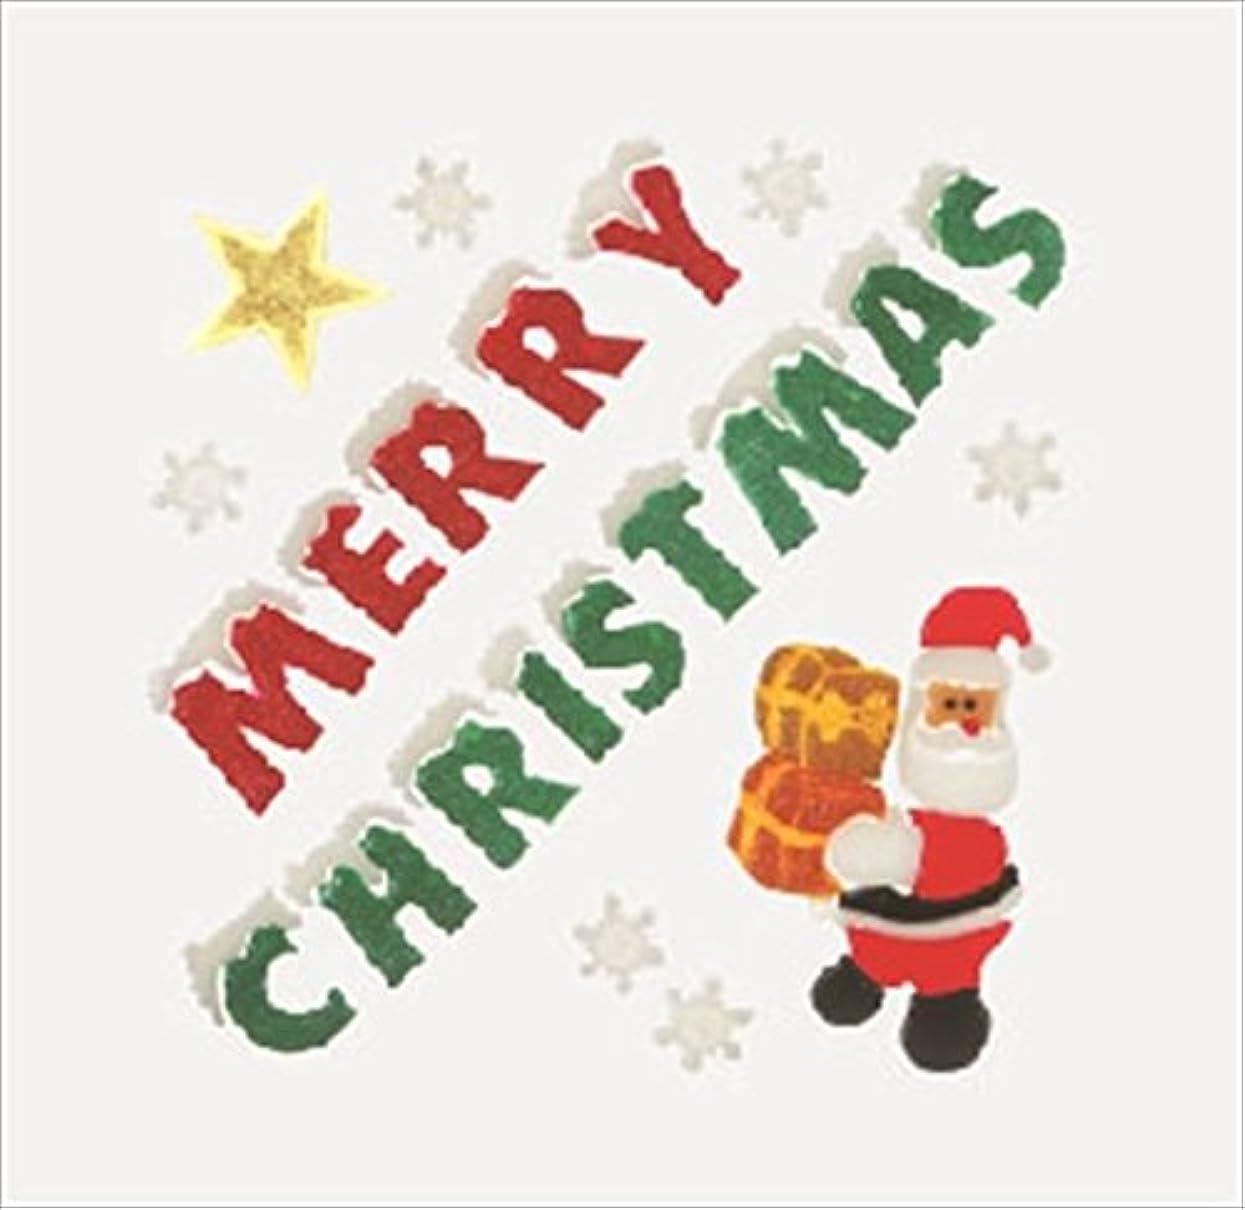 耐えられない衰えるプライムGelGems(ジェルジェム) ジェルジェムバッグL 「 クリスマスサンタ 」(E00810153)